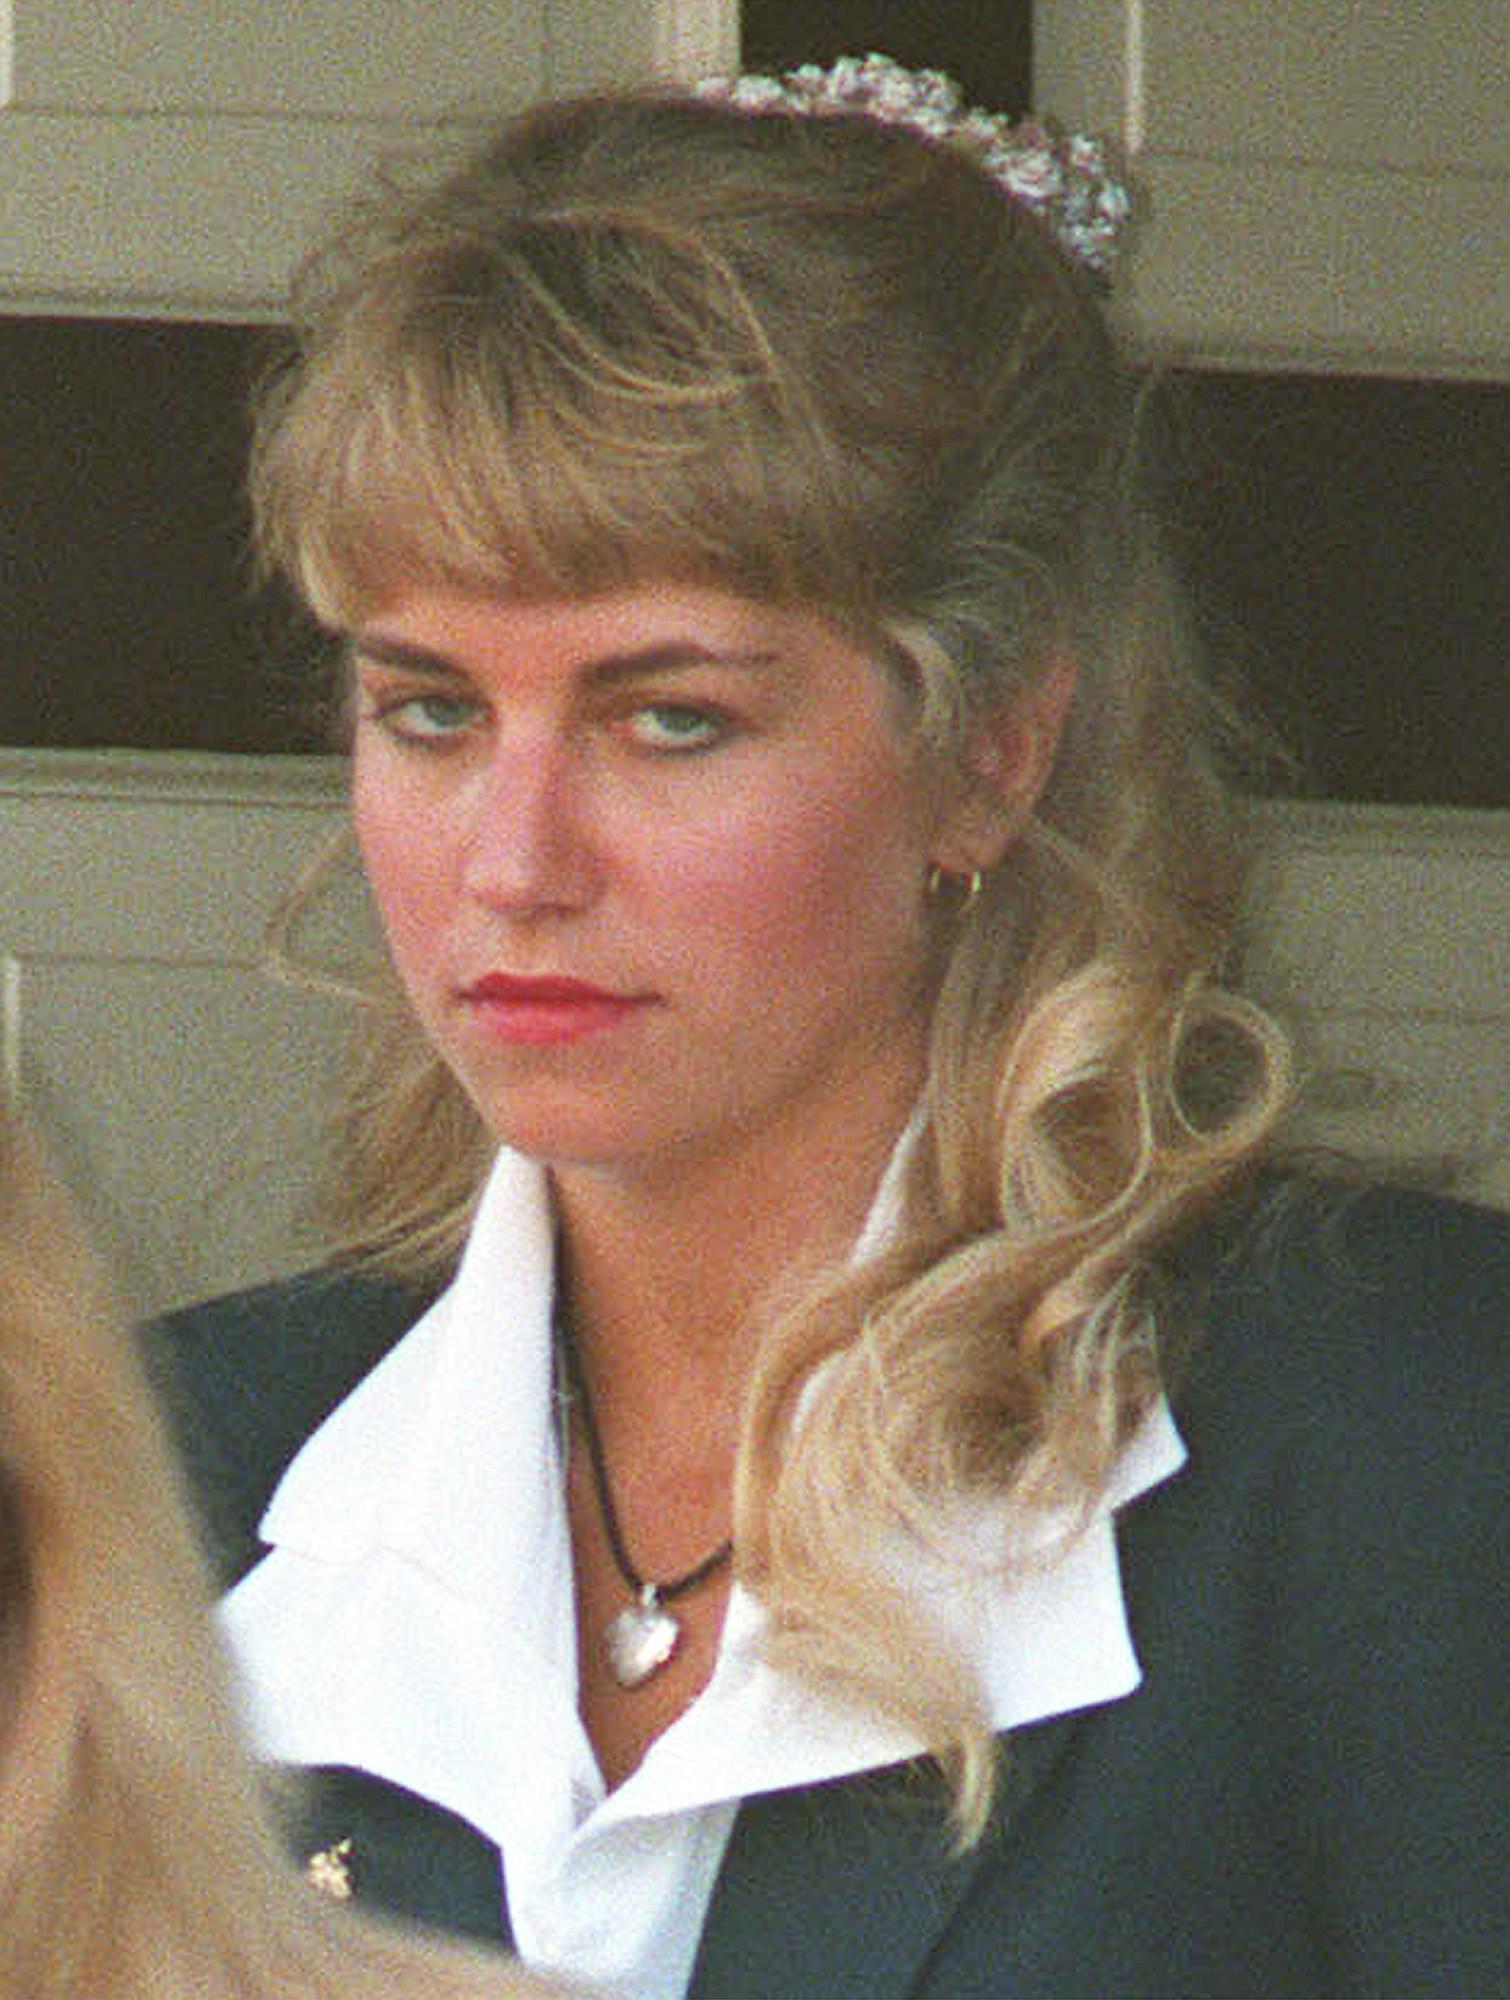 加拿大男女Karla Homolka和Paul Bernardo,25年前犯下3名少女姦殺案,震驚社會。(圖/達志影像/美聯社)